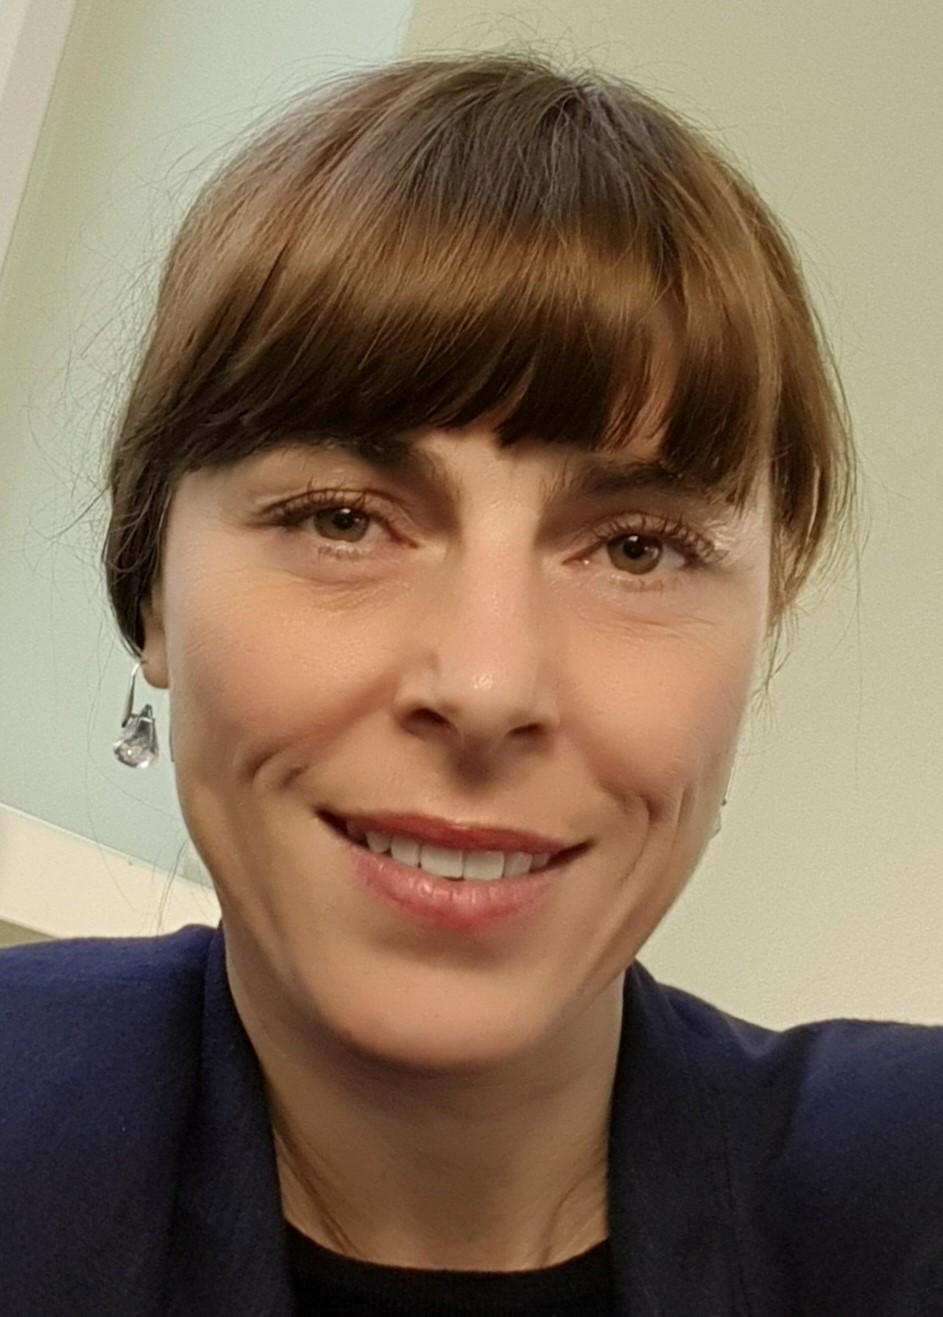 Julia Dryden